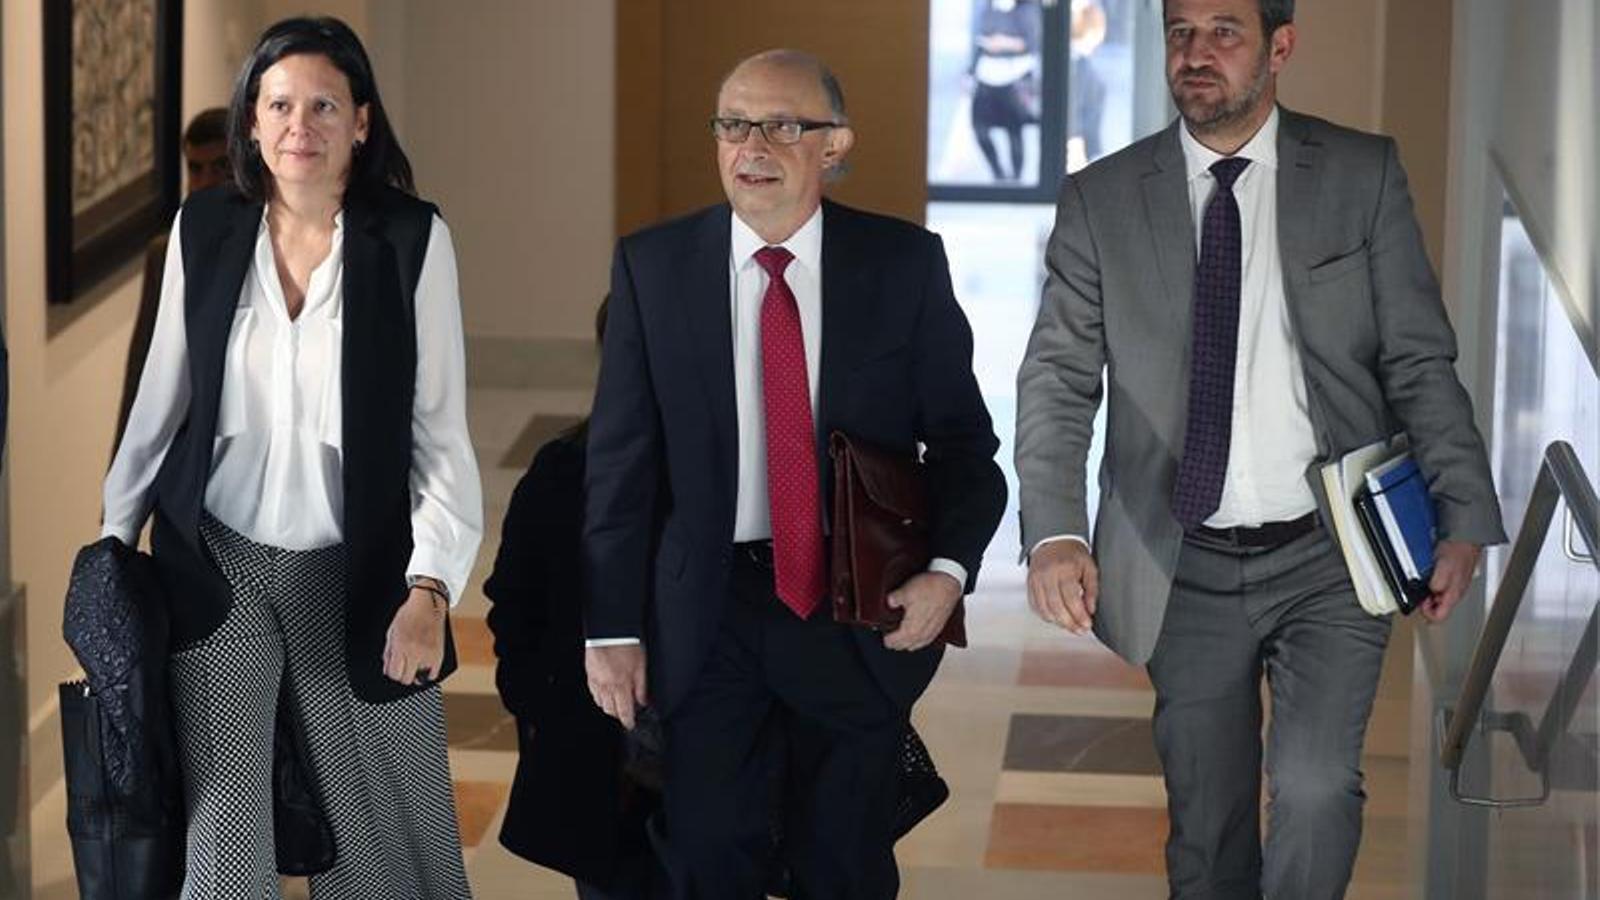 El ministre d'Hisenda i Funció Pública, Cristóbal Montoro, en la seva arribada a la comissió de Pressupostos del Congrés